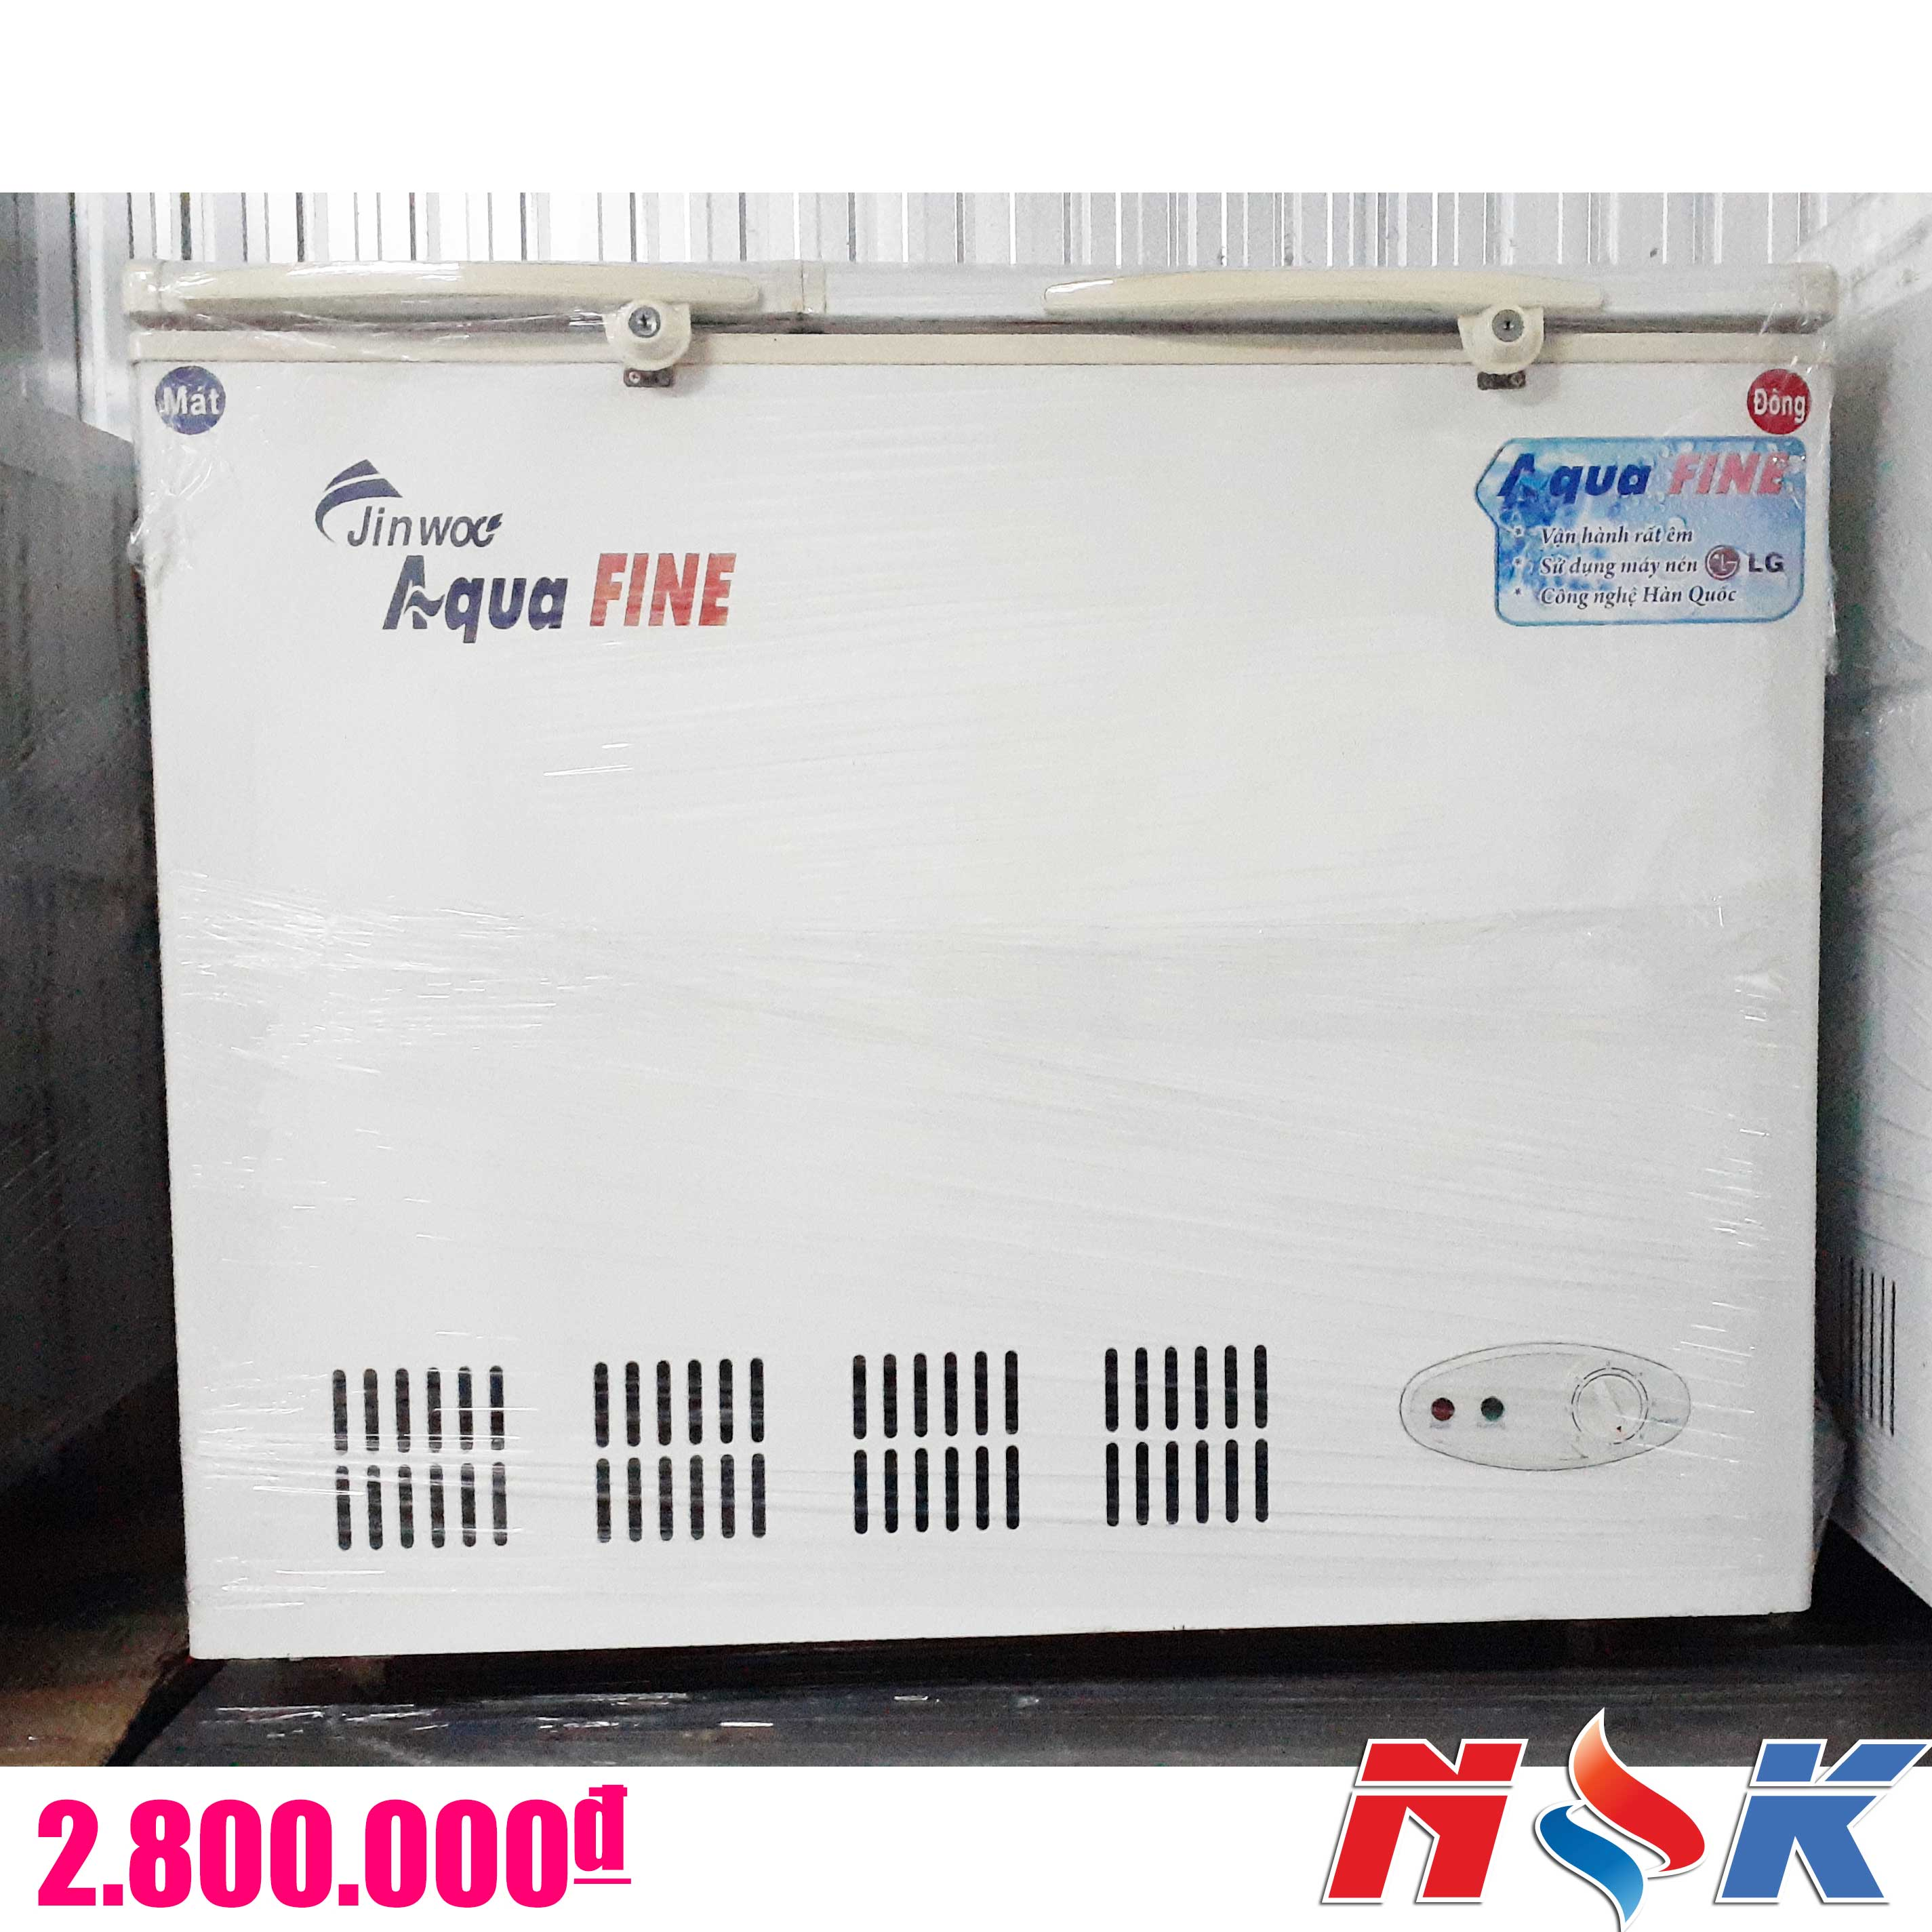 Tủ đông Aqua Fine JW-250FR 250 lít